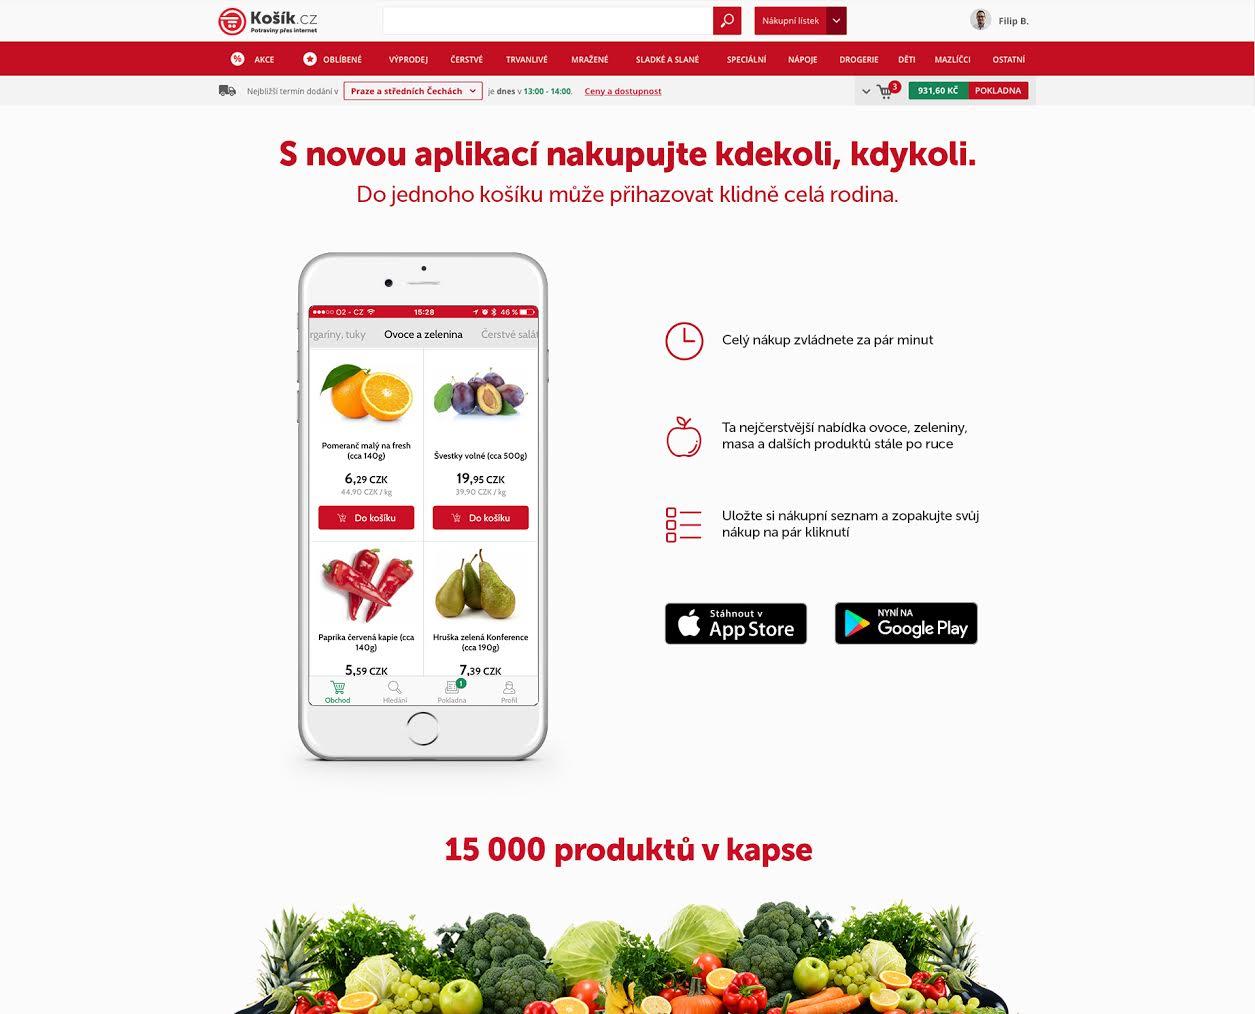 Košík.cz má vlastní aplikaci, je minimalistická a přehledná